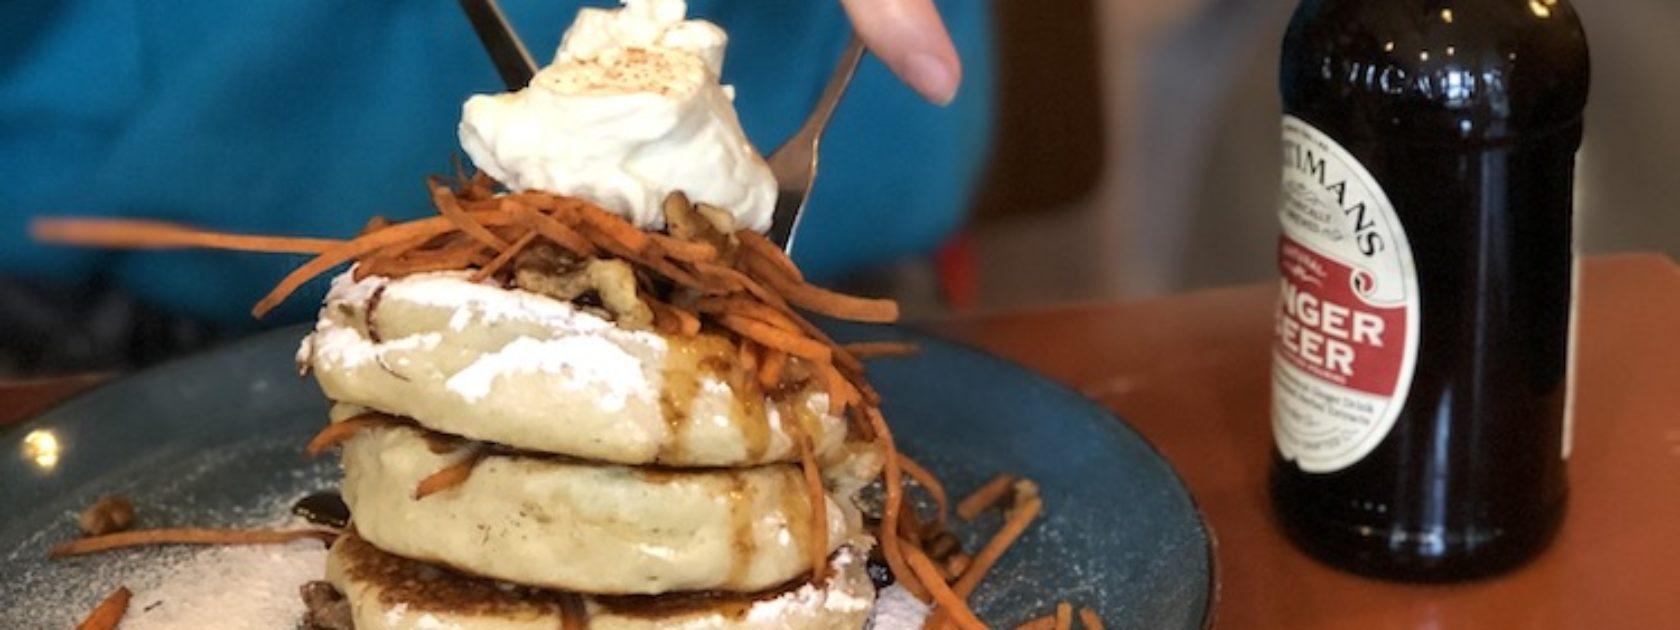 Als je trekt hebt in pannenkoeken, ga dan zeker langs Arzu The Foodbar Supplier in Rotterdam. Hier kun je namelijk meer dan 15 verschillende soorten pannenkoeken bestellen en ze zijn zó lekker.